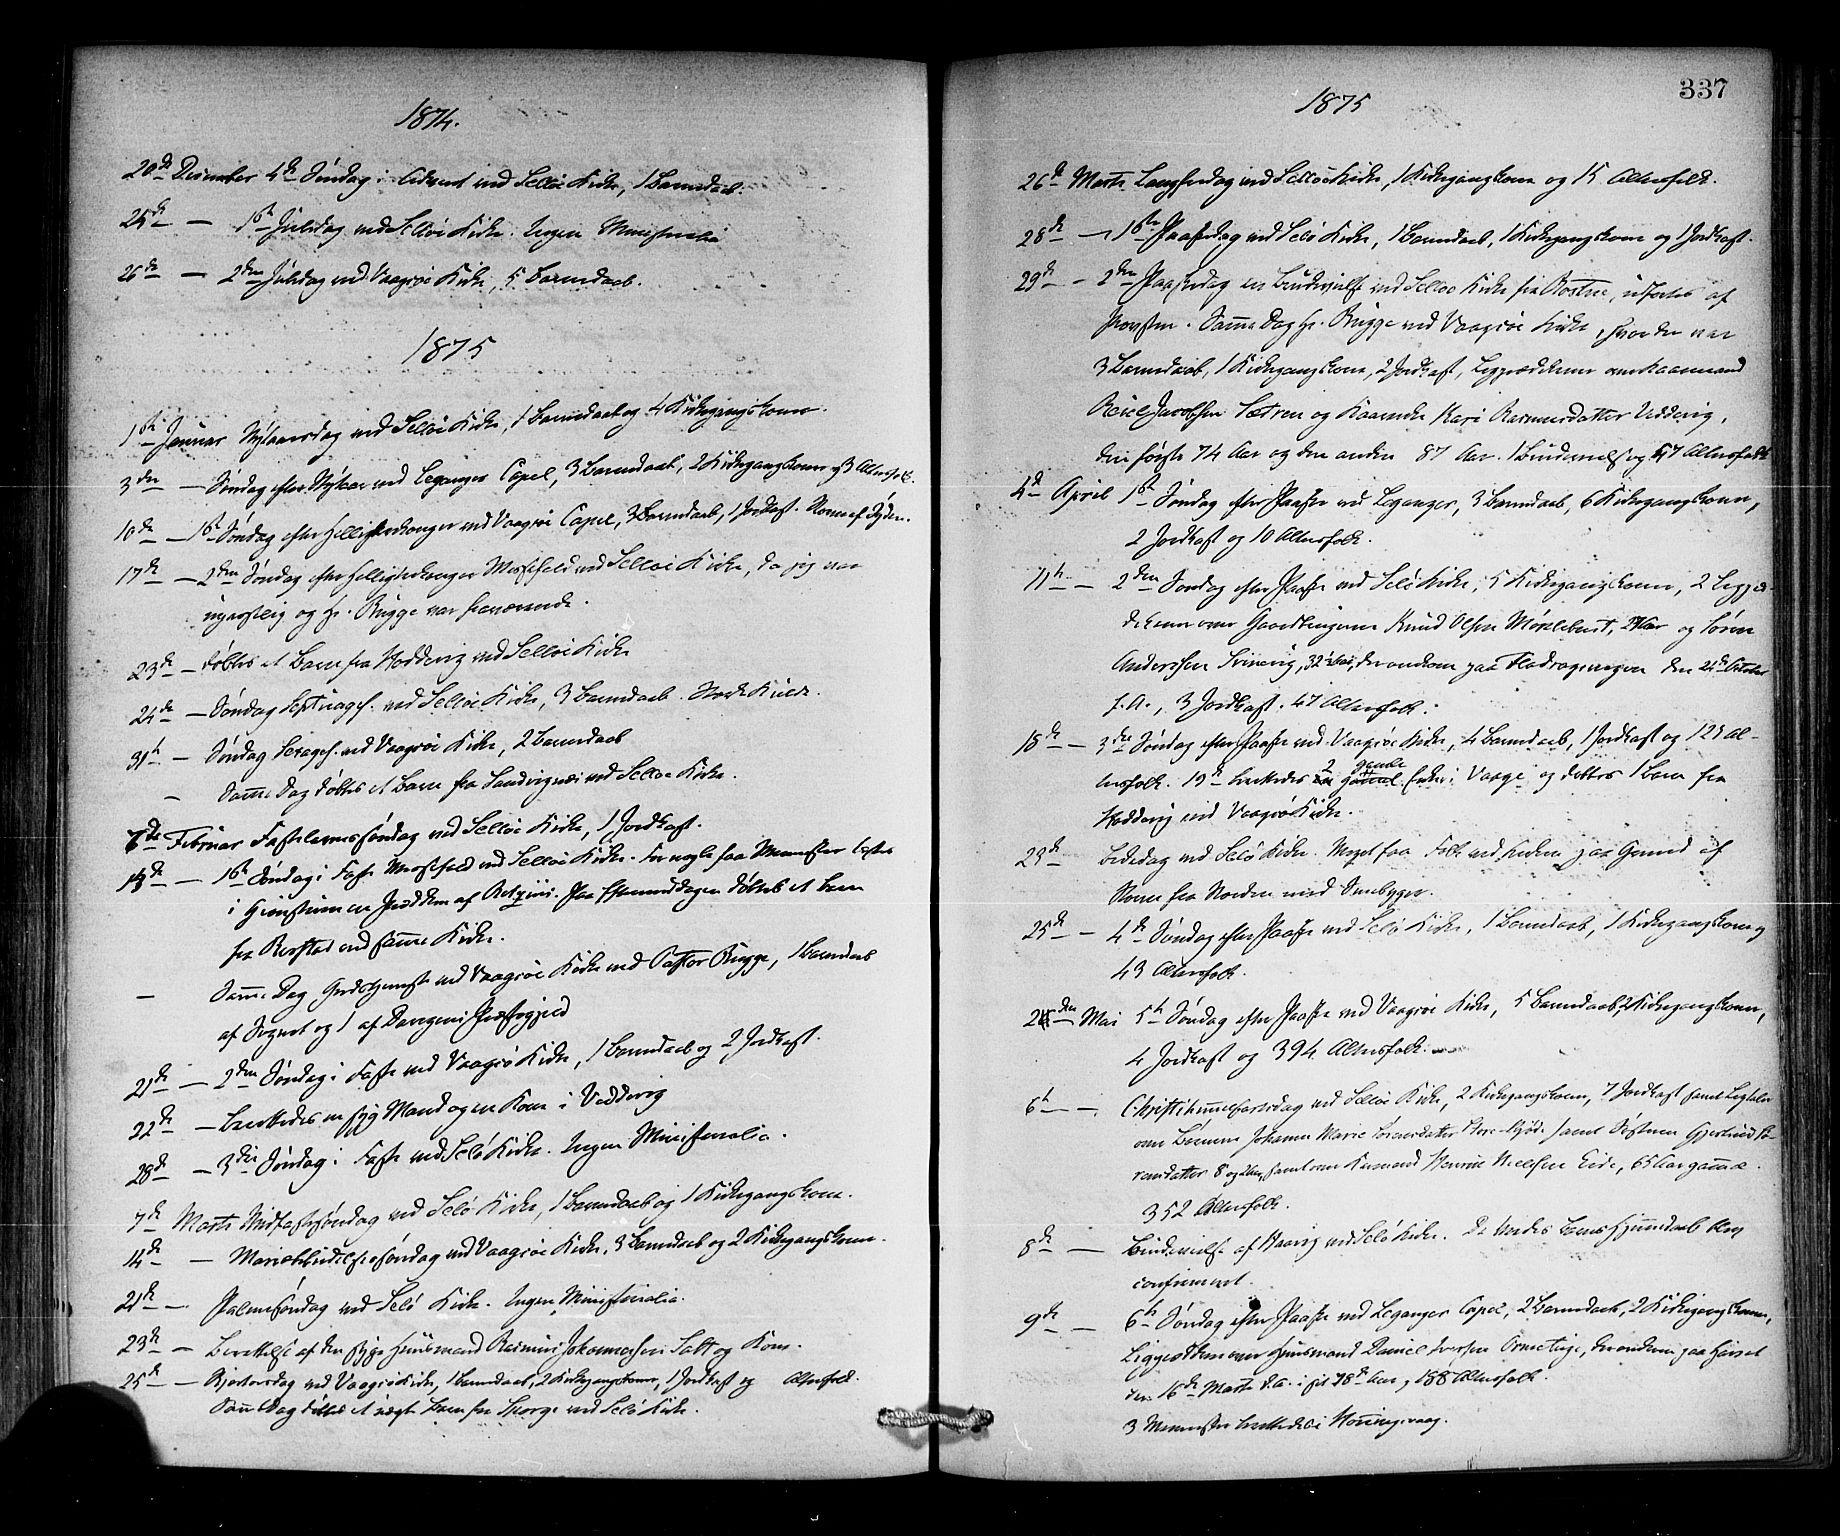 SAB, Selje sokneprestembete*, Ministerialbok nr. A 12, 1870-1880, s. 337